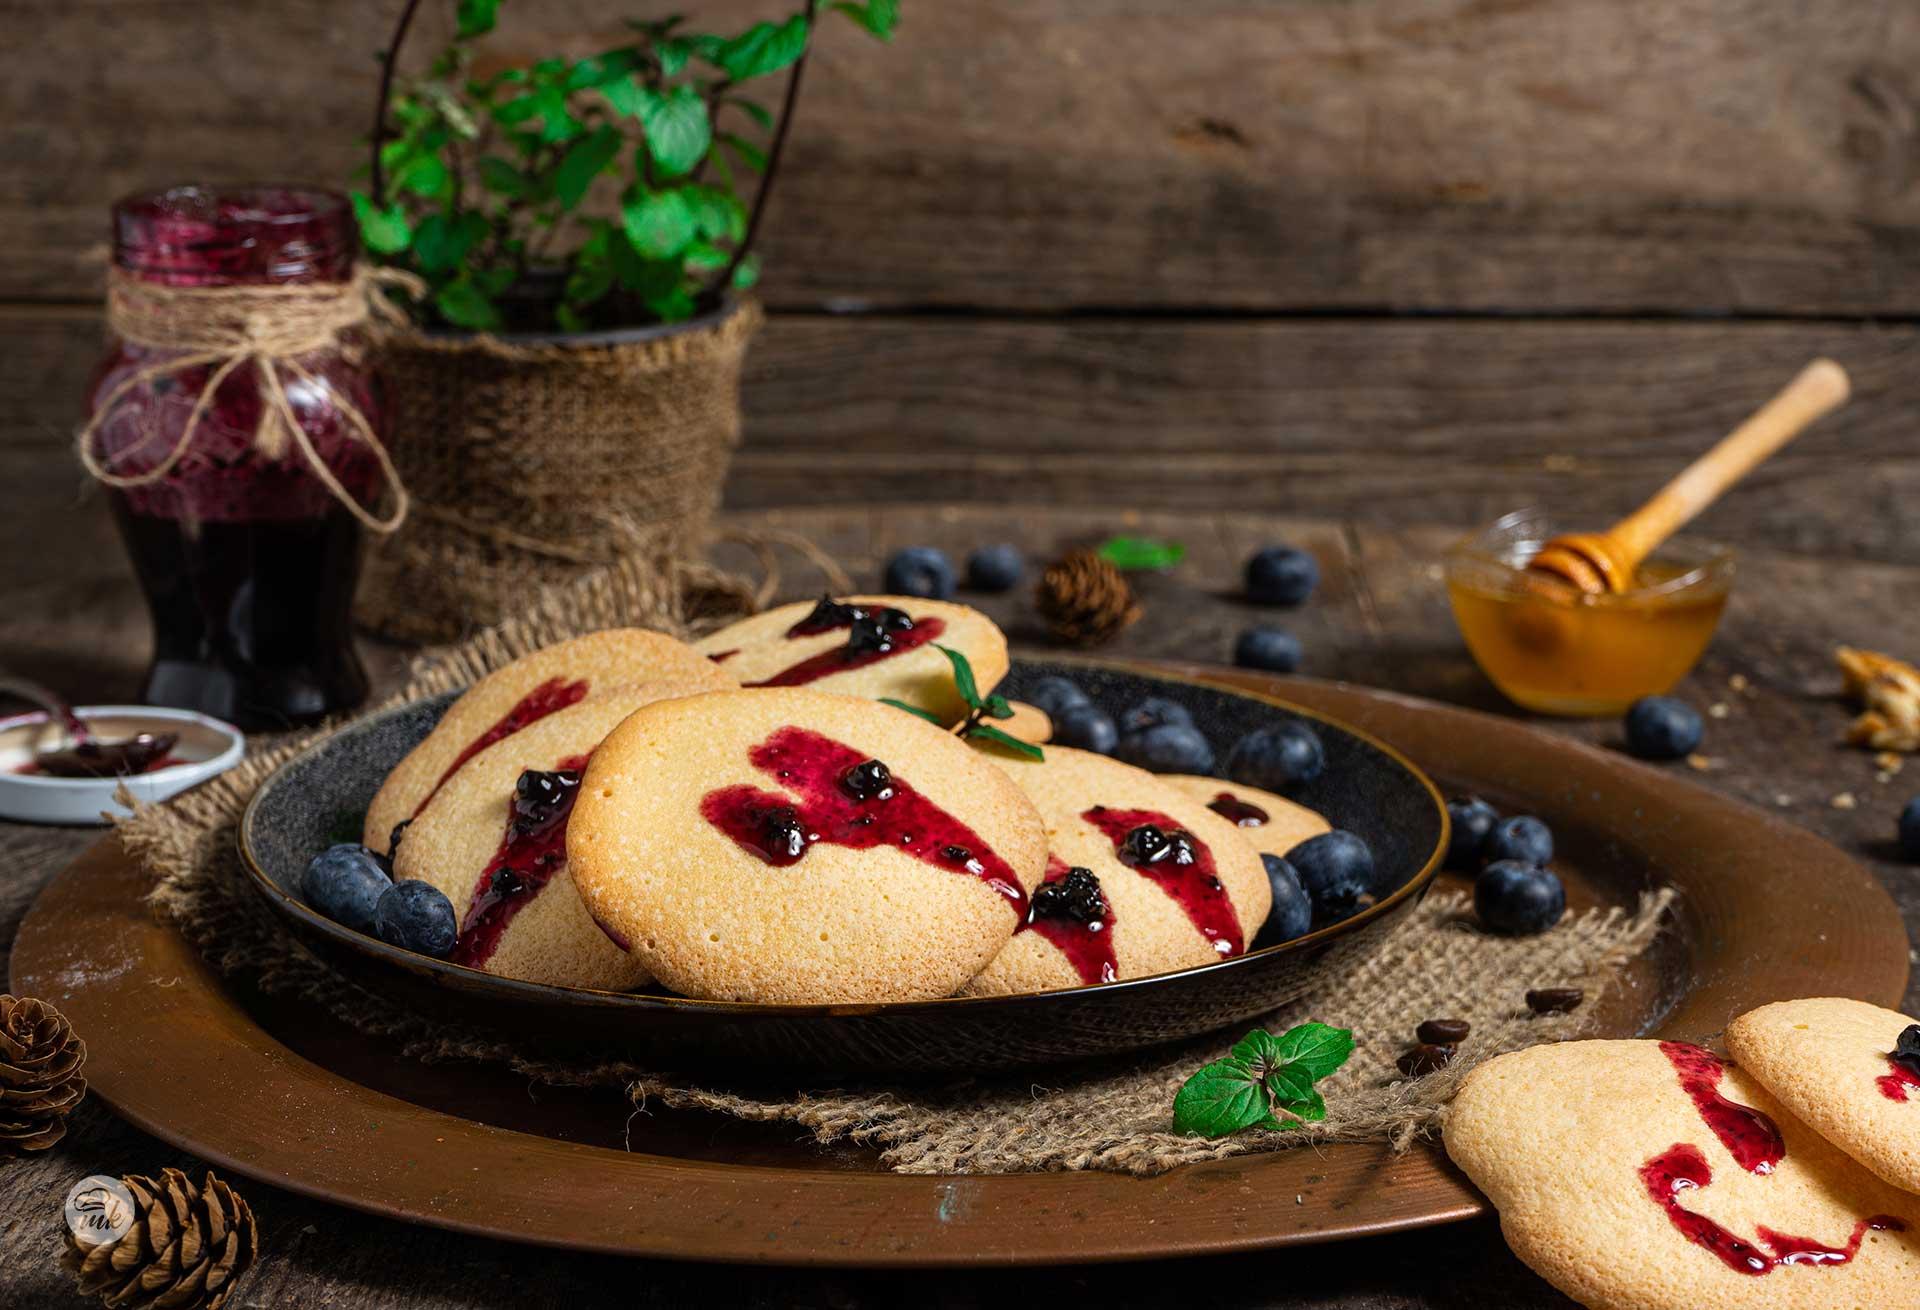 Ванилови бисквити, поднесени с мед, сладко от боровинки, снимани отстрани